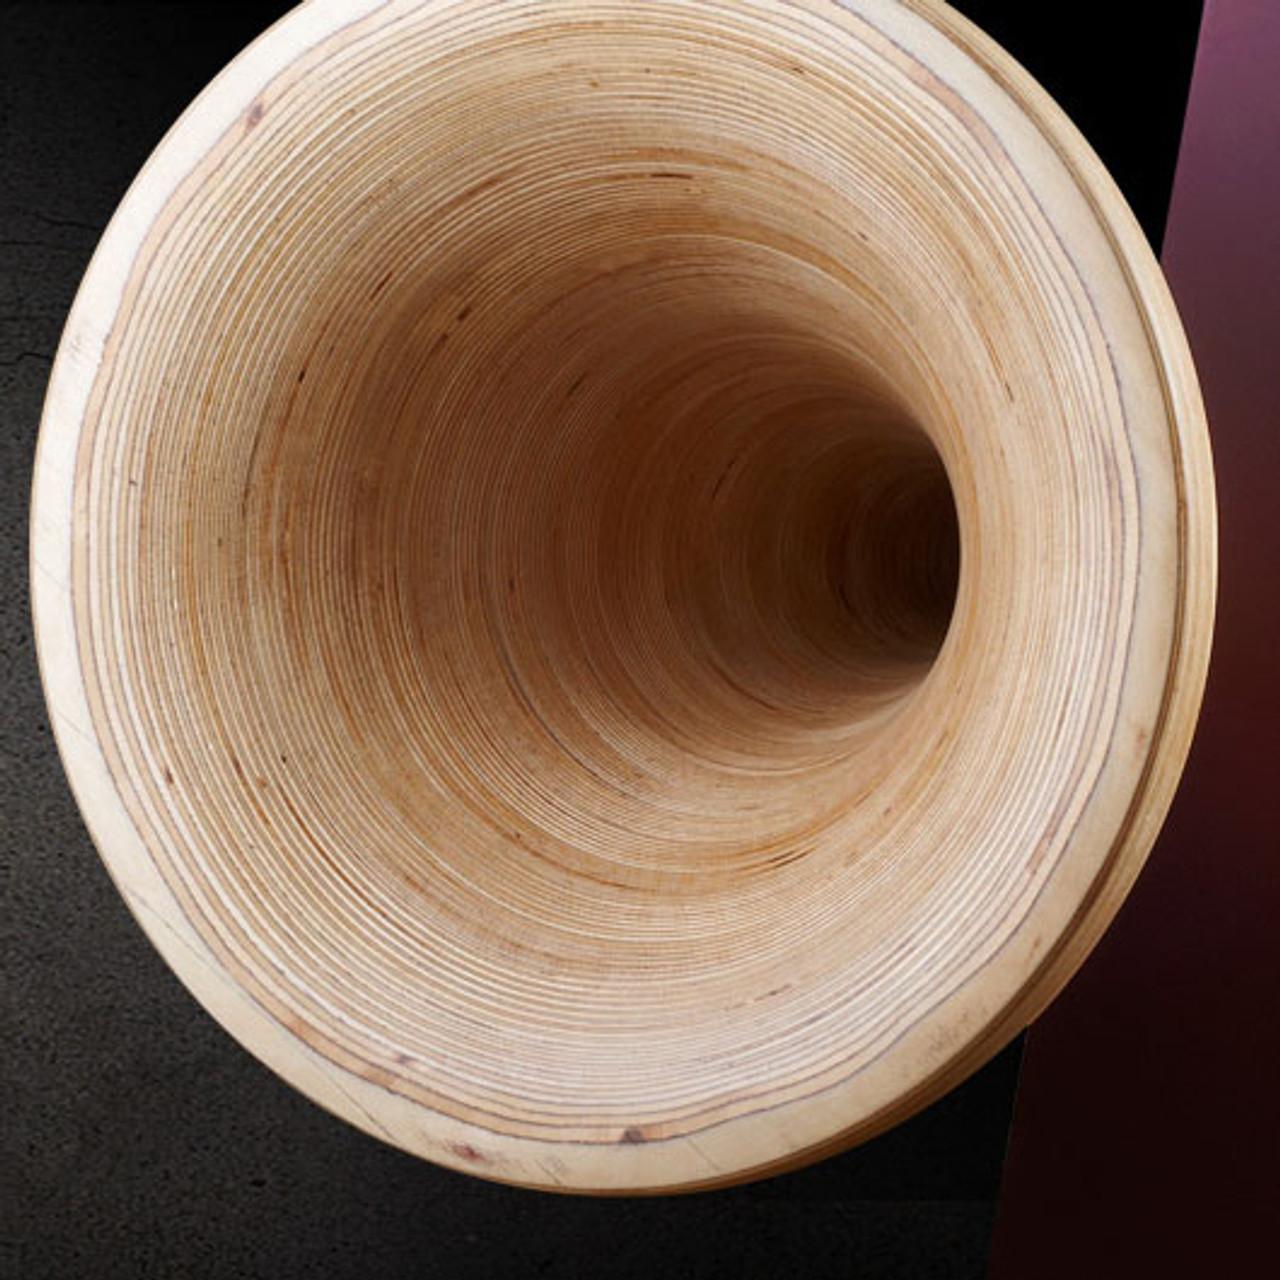 Tune Audio Anima horn speakers